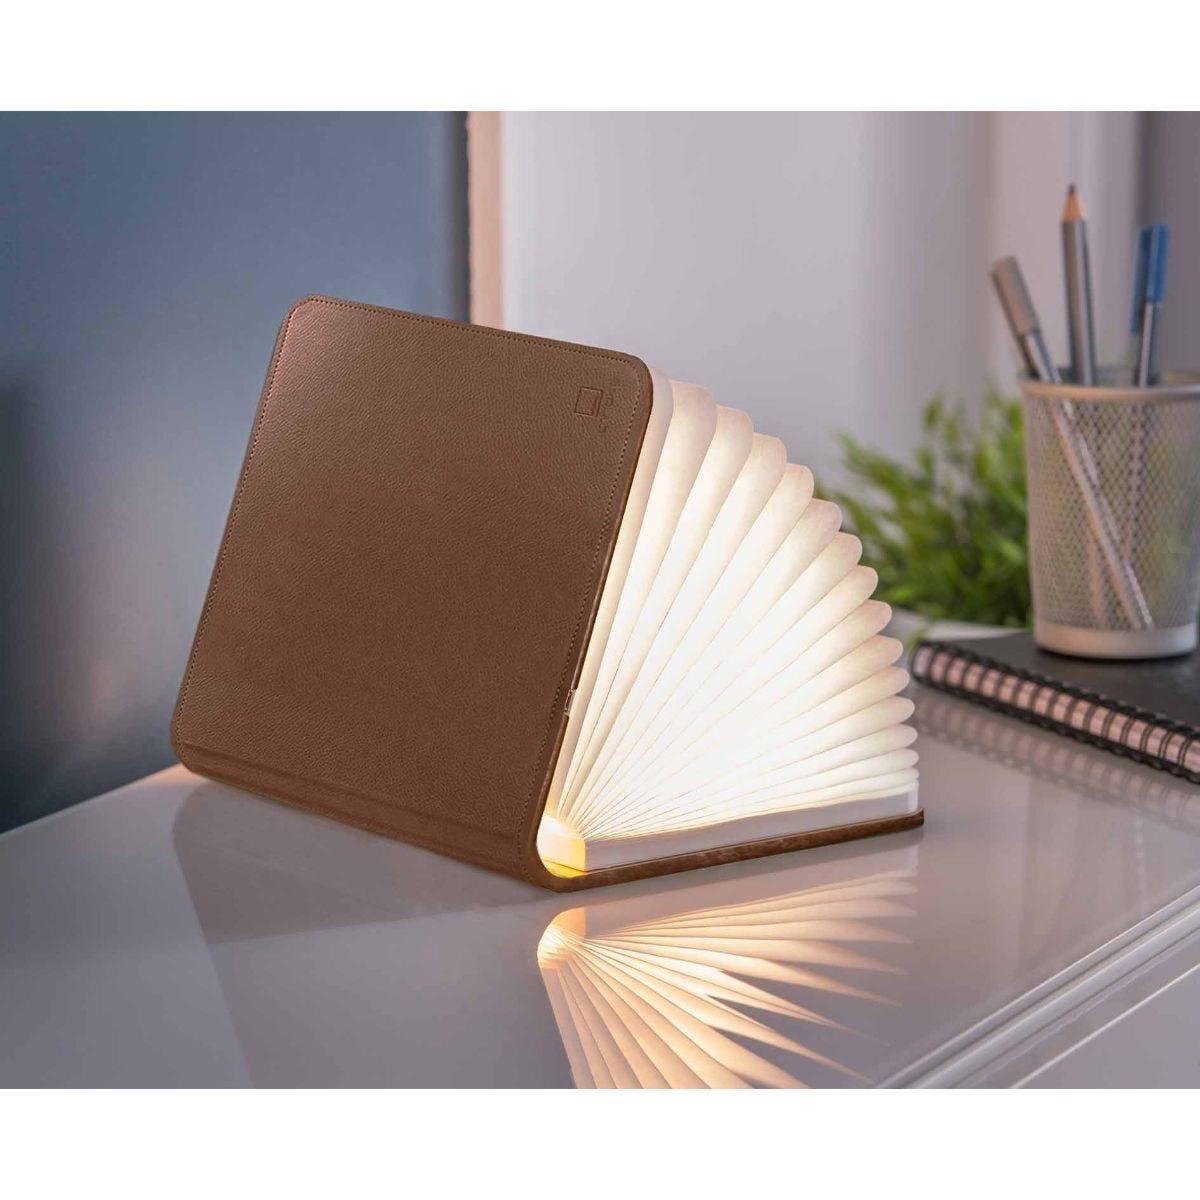 Gingko Smart Leather Mini Book Light Brown